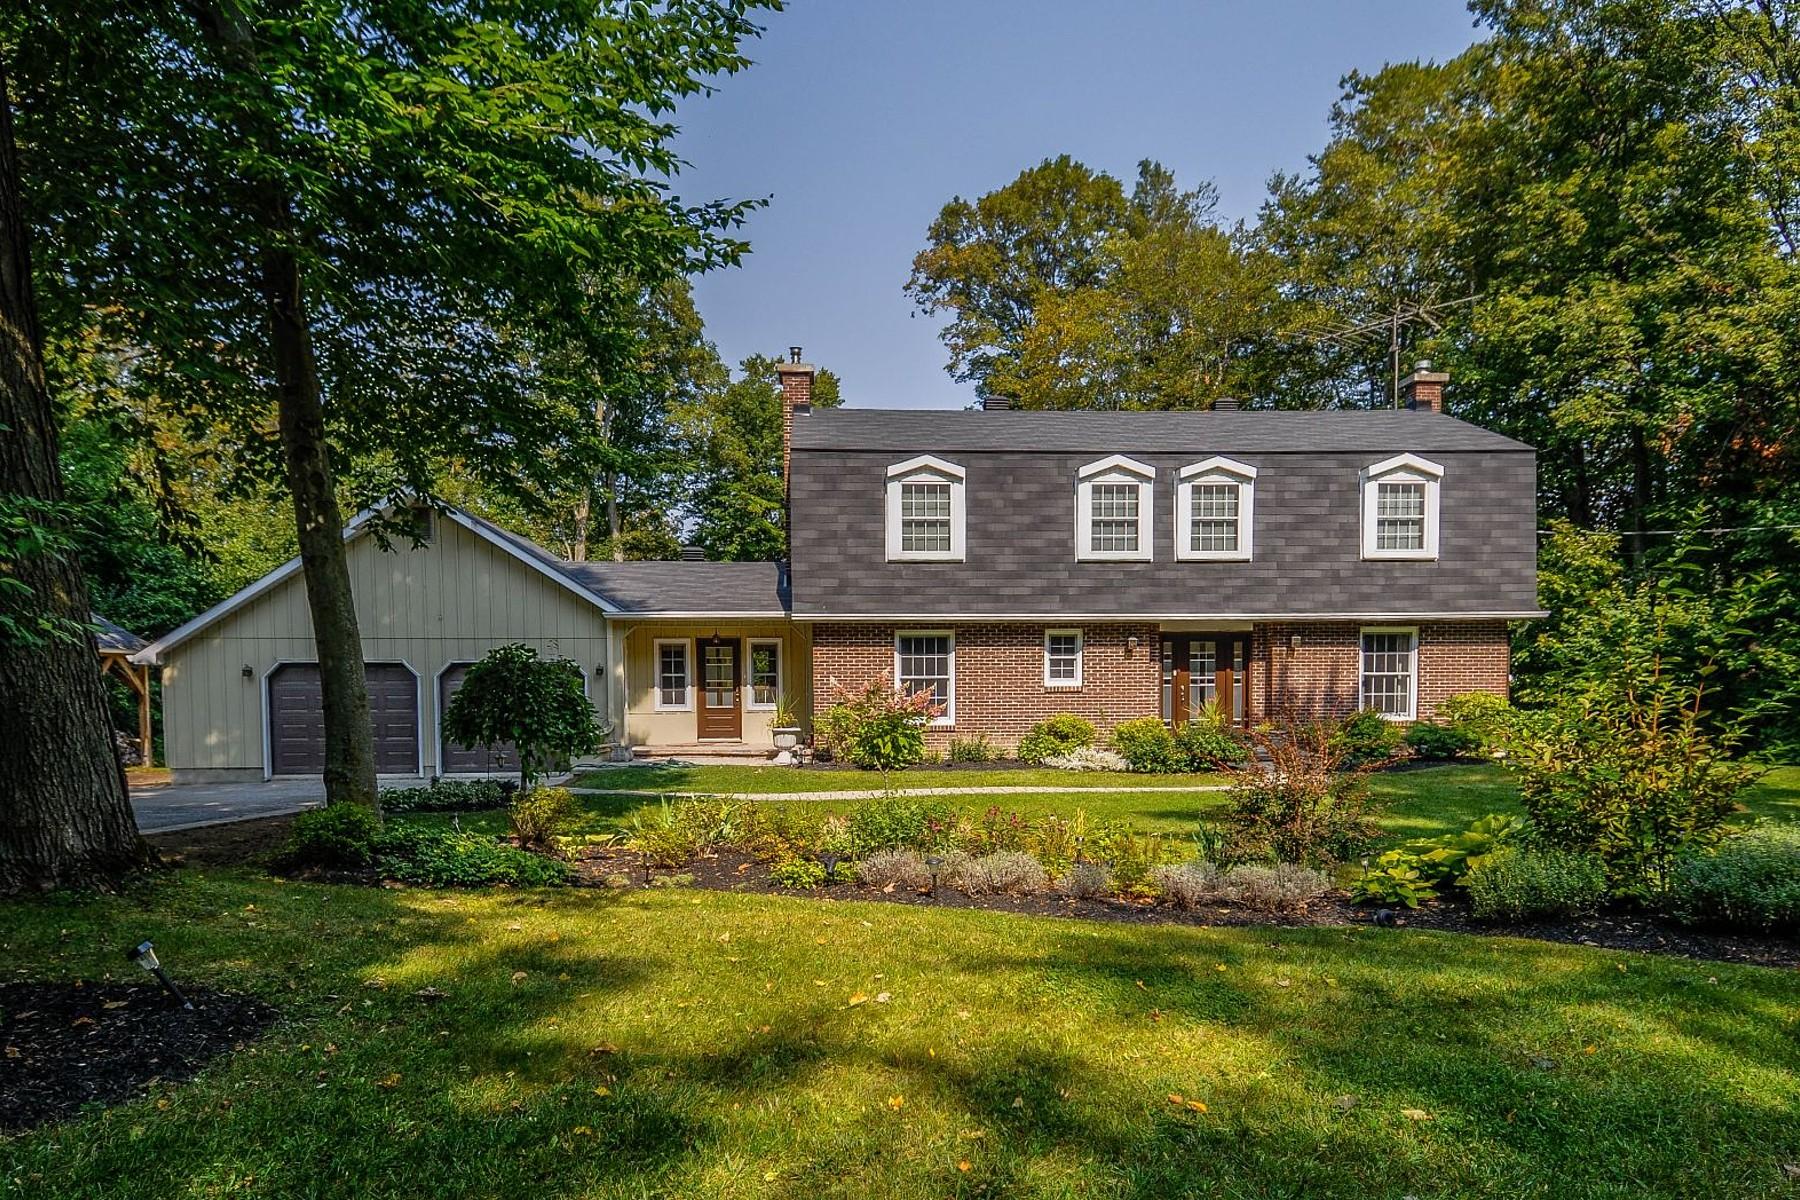 Single Family Homes for Sale at Hudson, Montérégie 213 Rue Fairhaven Hudson, Quebec J0P1H0 Canada